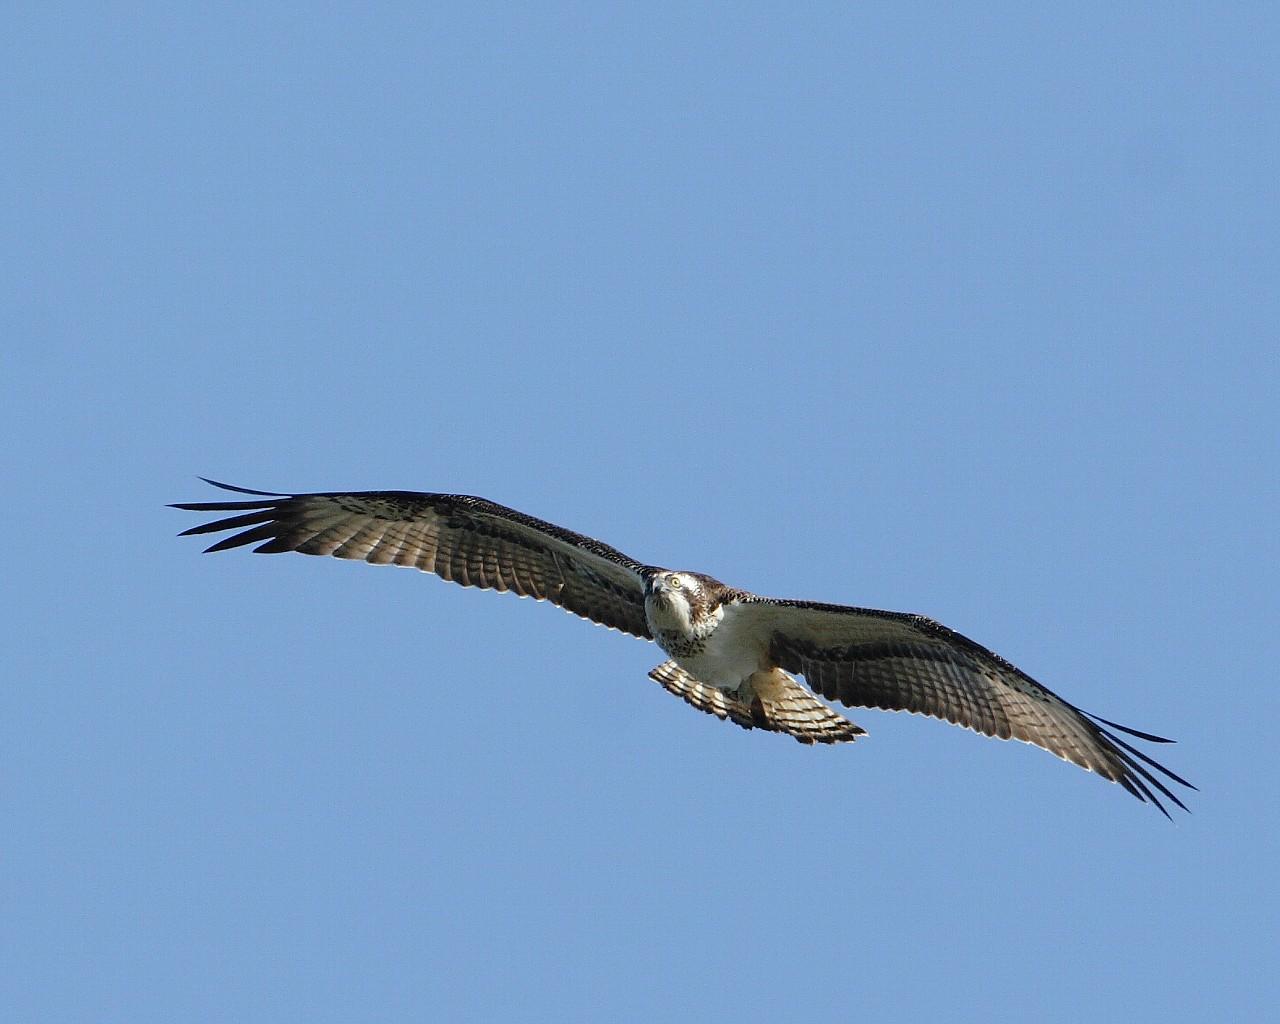 猛禽飛び物仕様のカメラ_f0105570_21475914.jpg